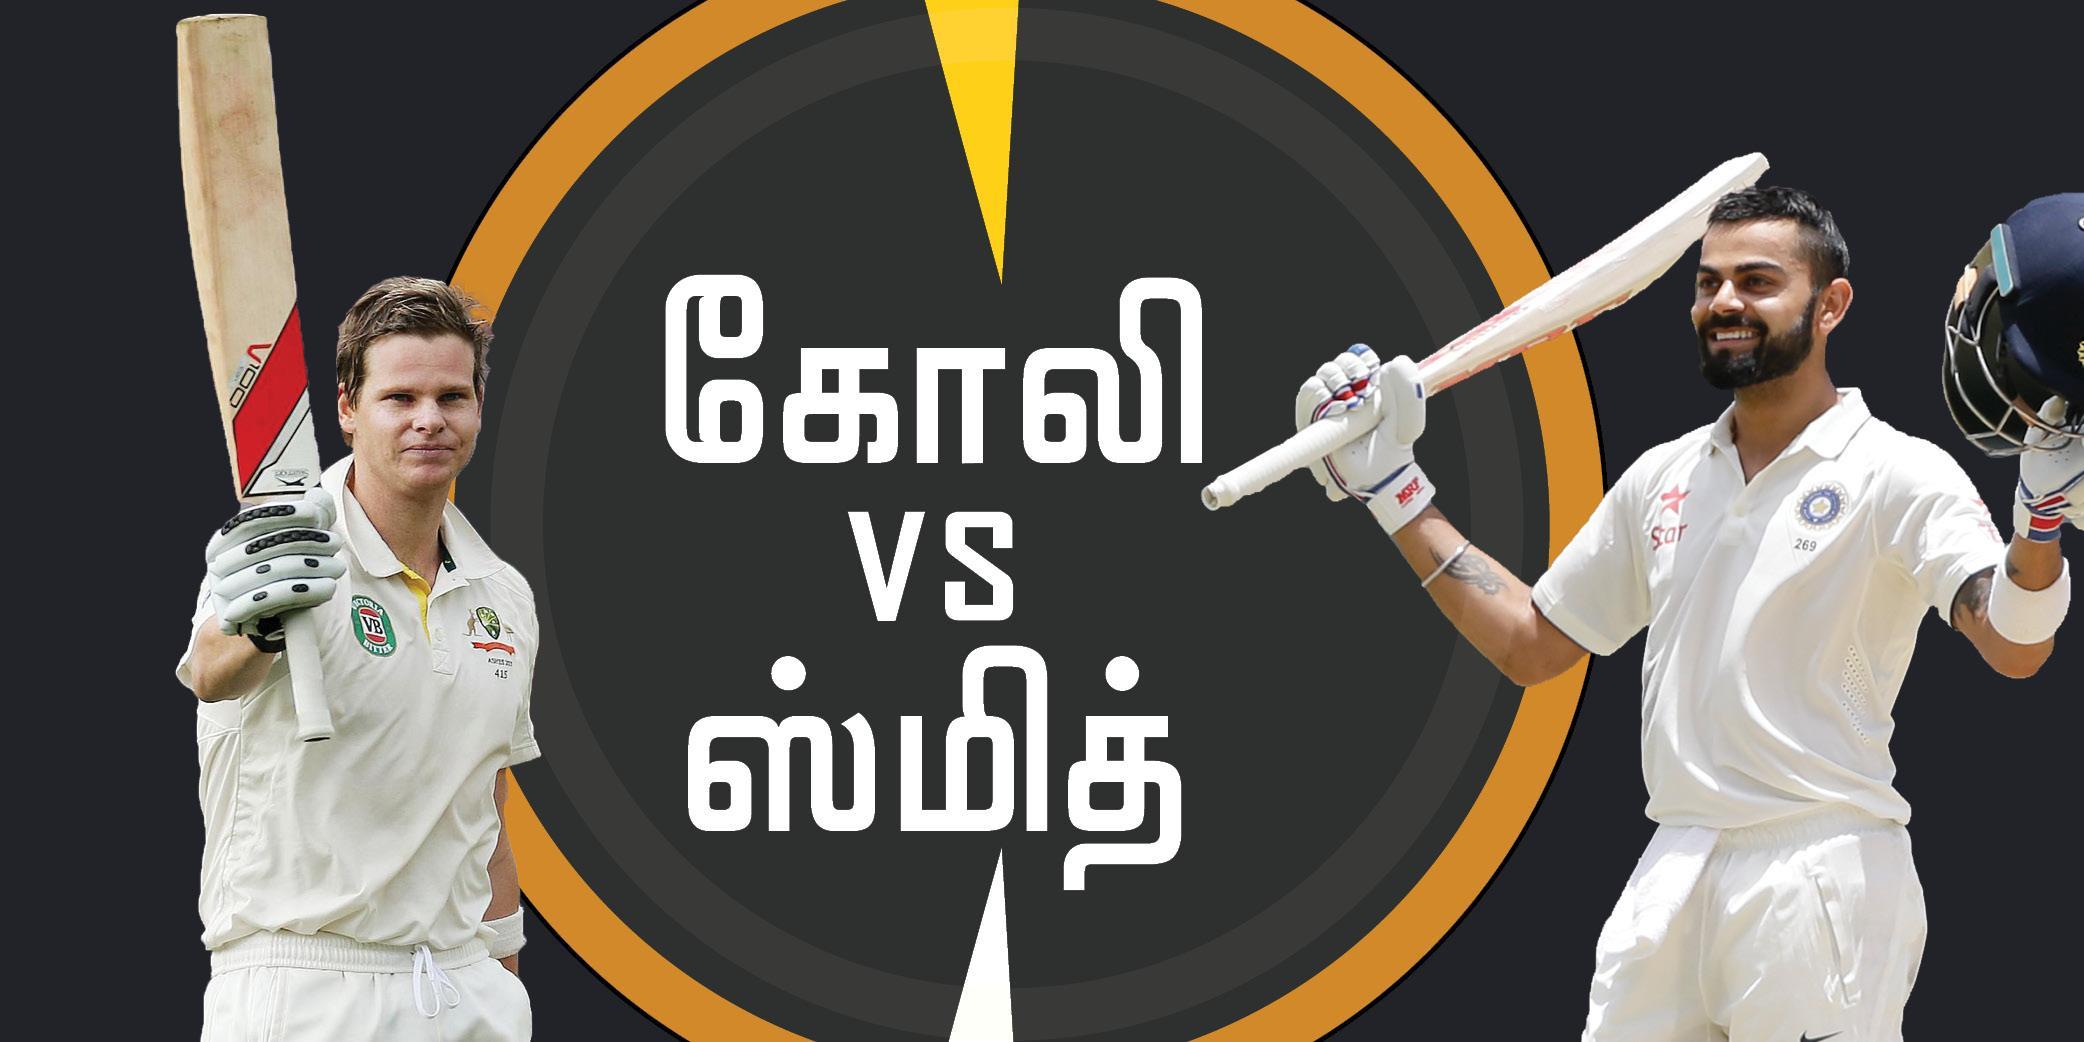 Kohli vs Smith